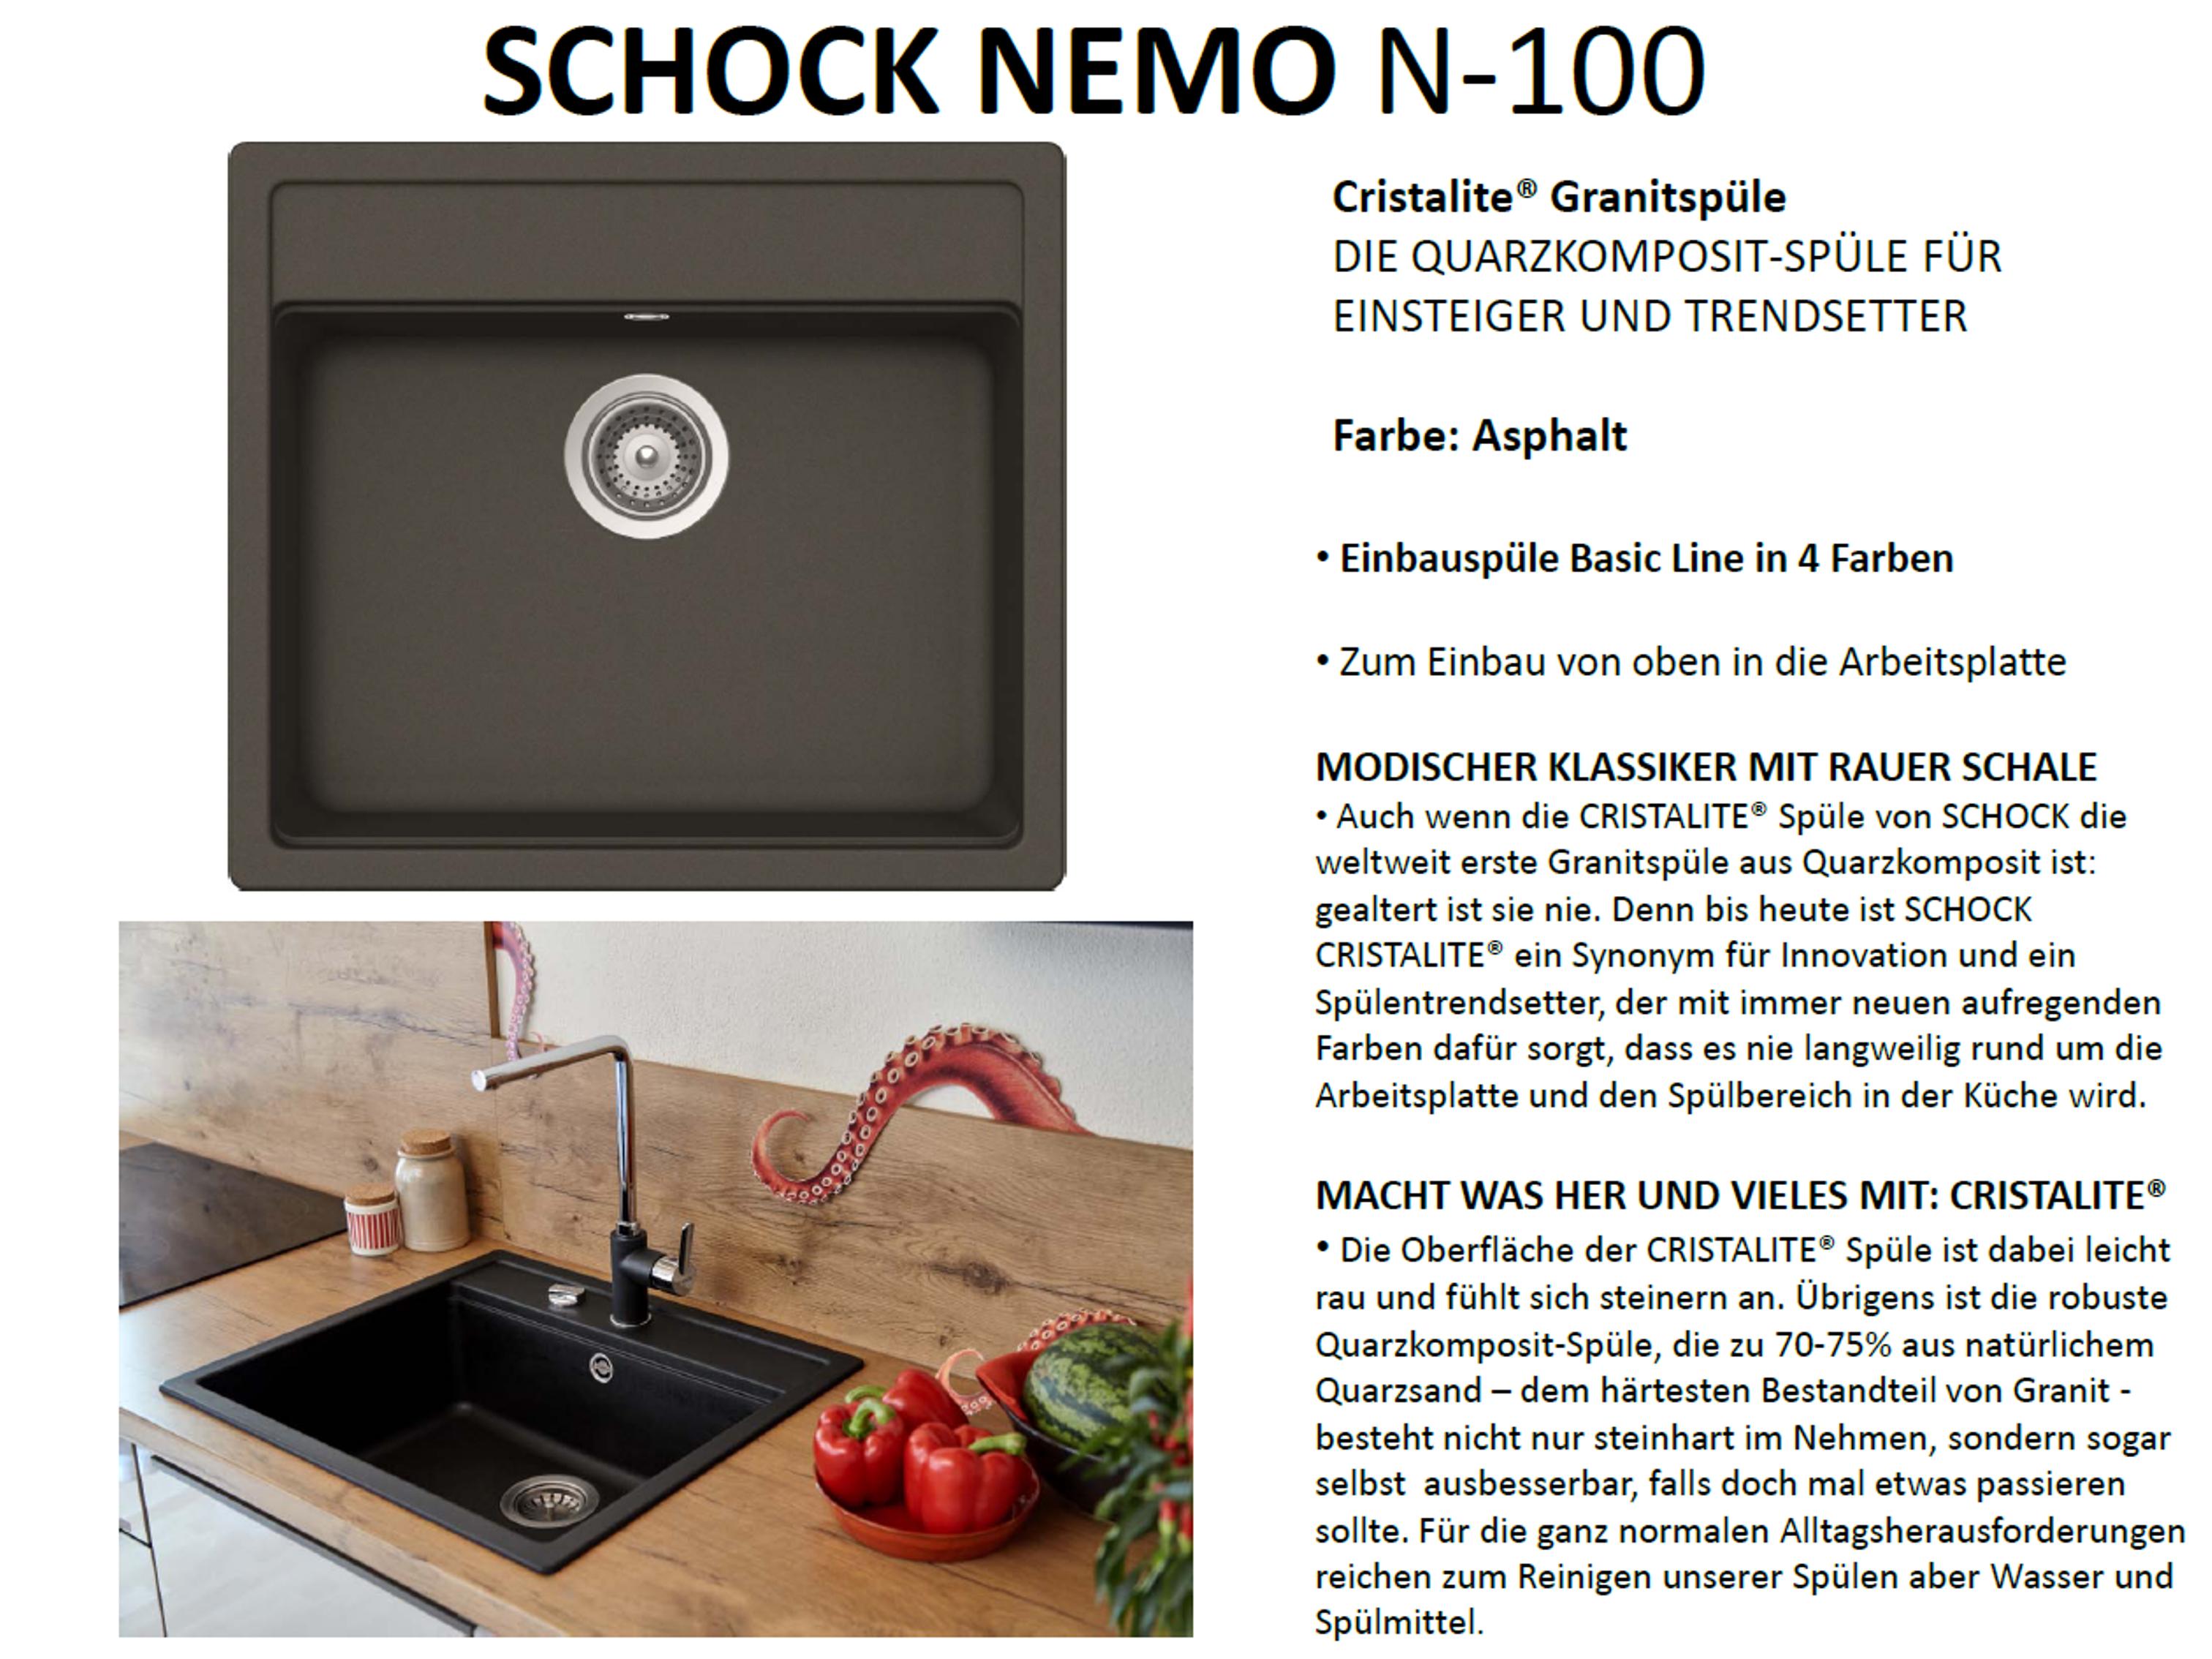 Schock Nemo N 100 Jetzt Gunstig Kaufen Spulenshop24